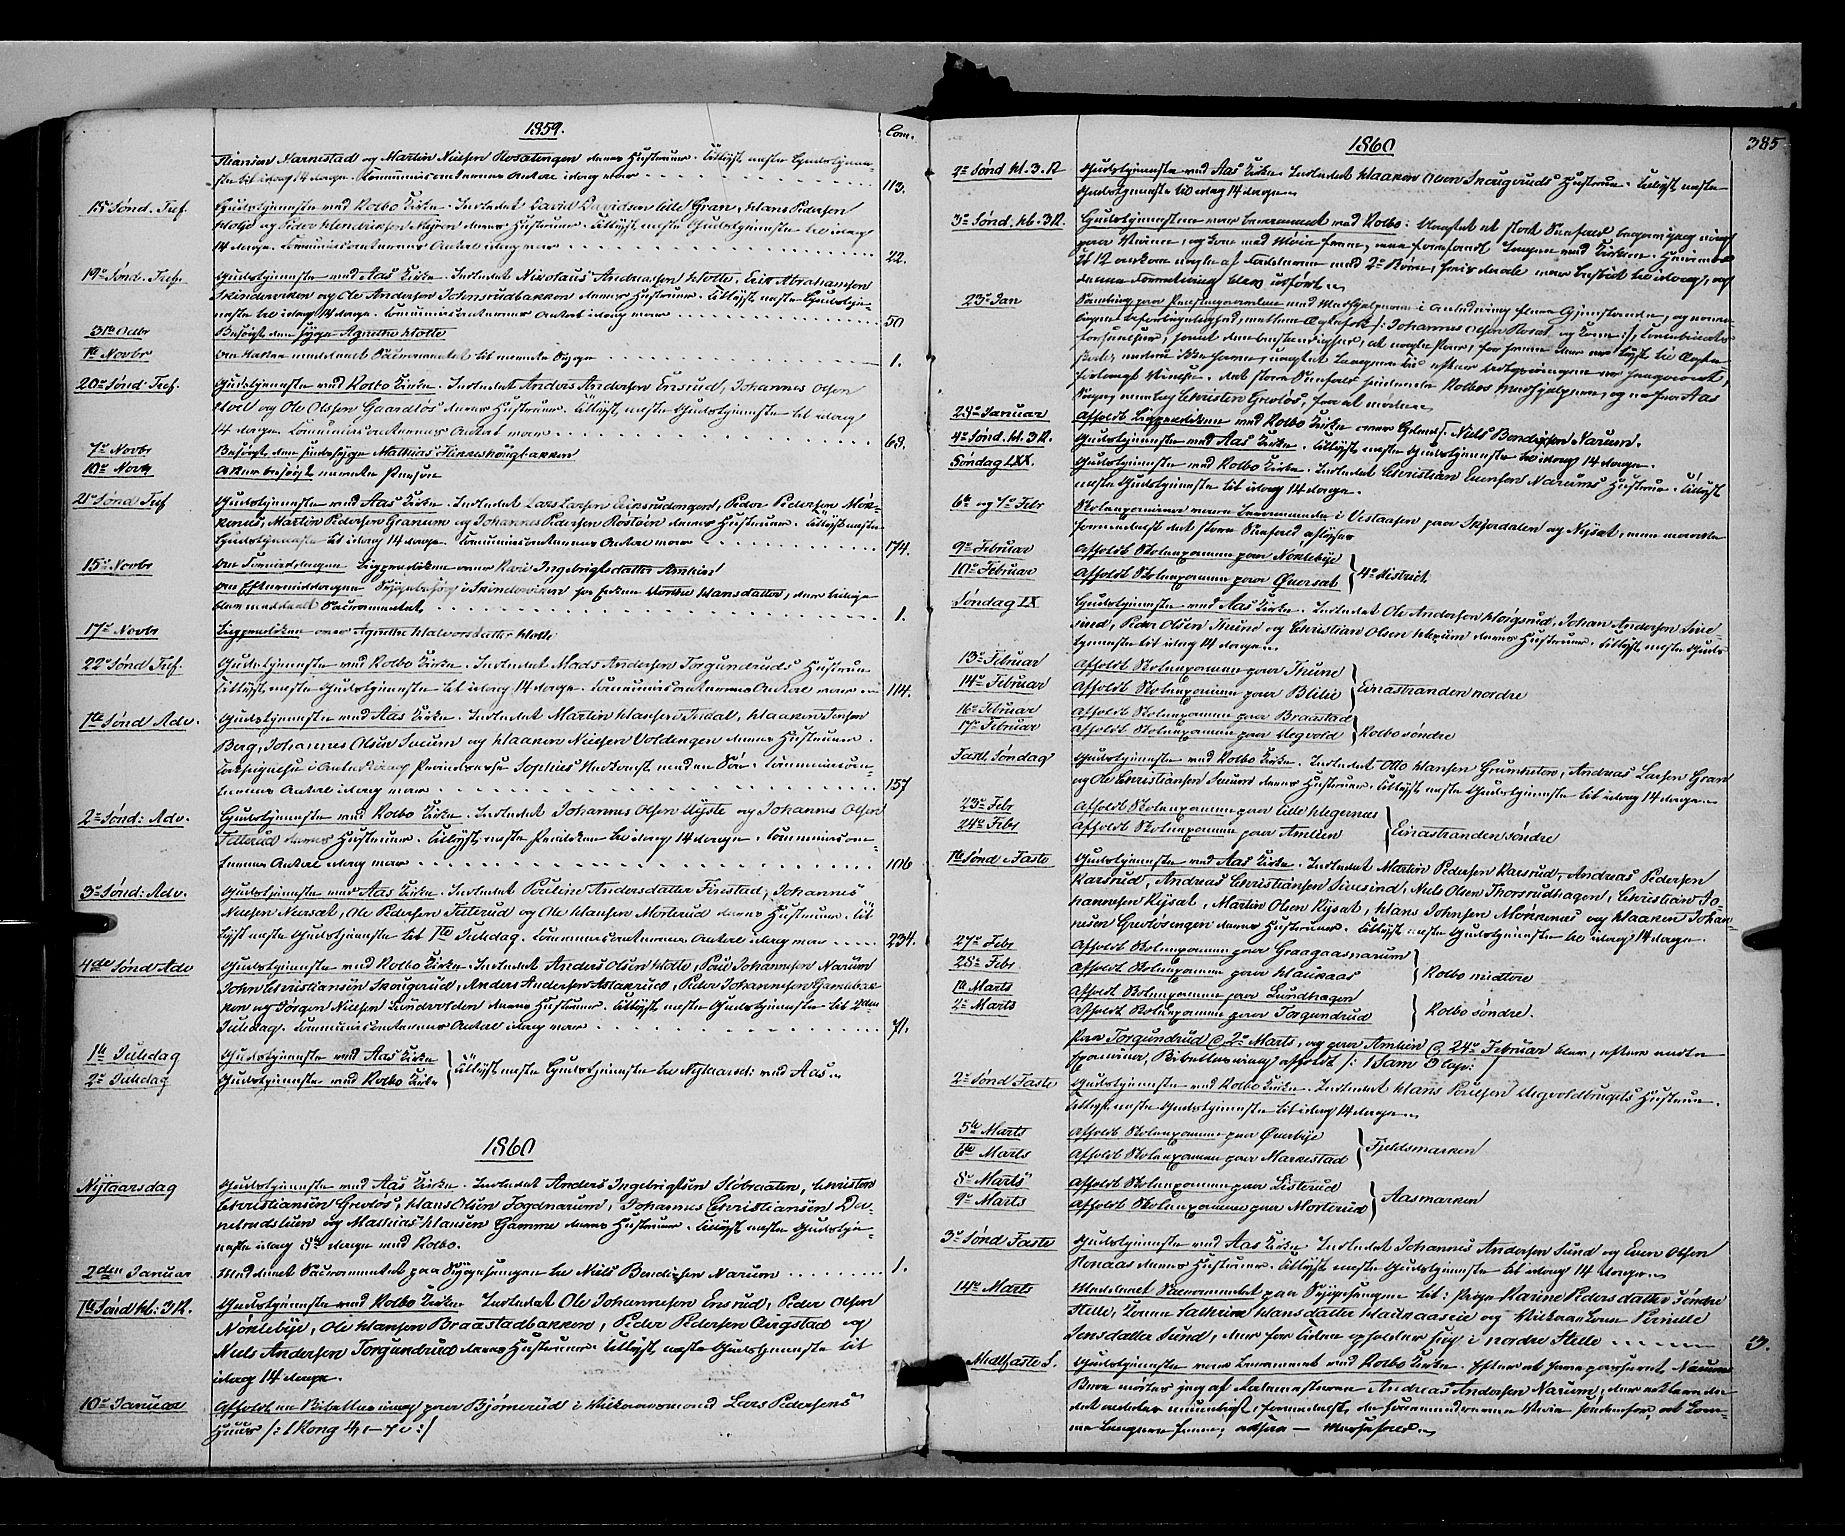 SAH, Vestre Toten prestekontor, Ministerialbok nr. 6, 1856-1861, s. 385